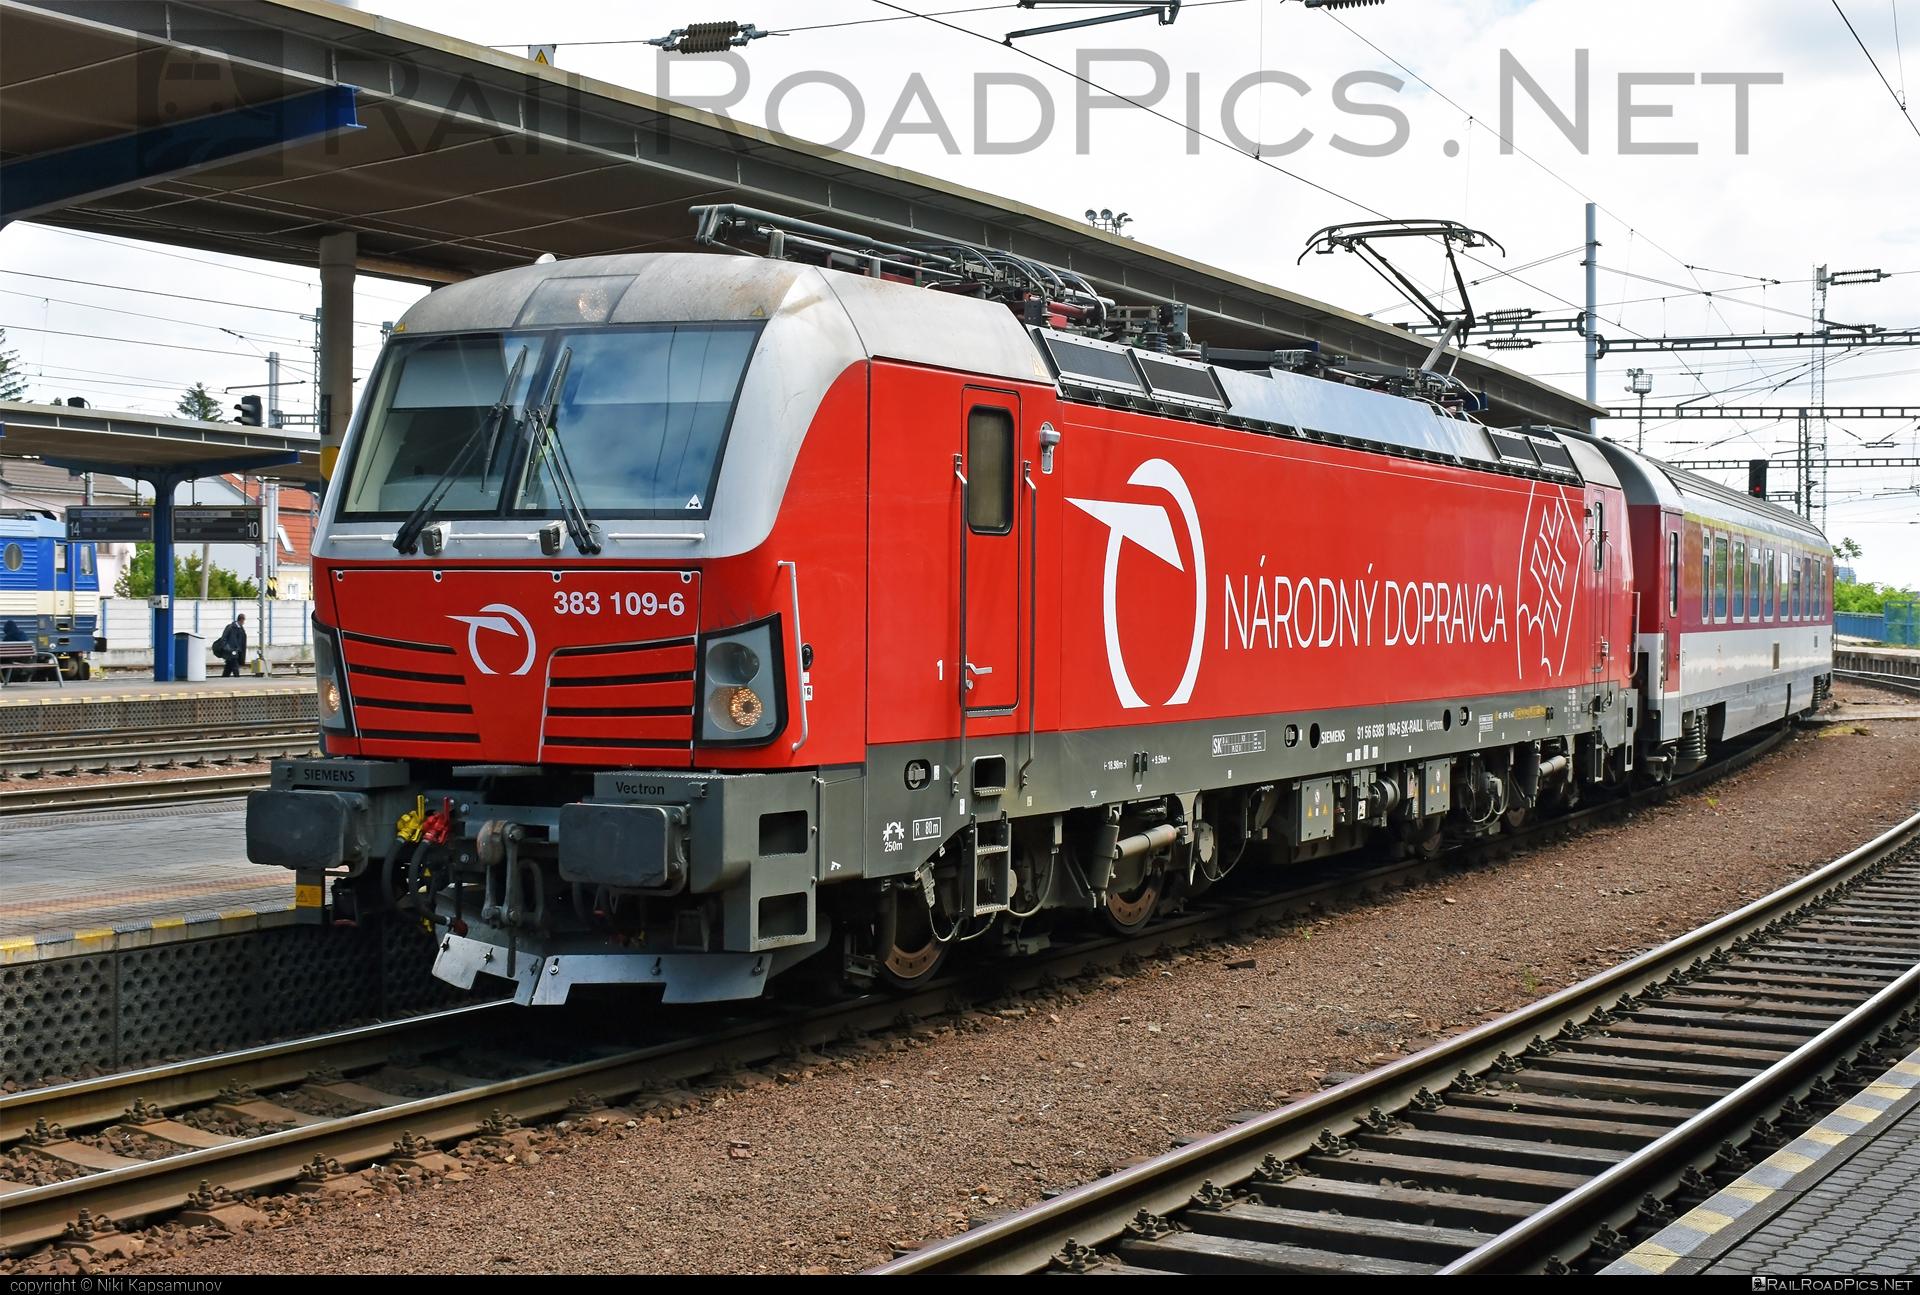 Siemens Vectron MS - 383 109-6 operated by Železničná Spoločnost' Slovensko, a.s. #SRailLease #SRailLeaseSro #ZeleznicnaSpolocnostSlovensko #raill #siemens #siemensvectron #siemensvectronms #vectron #vectronms #zssk